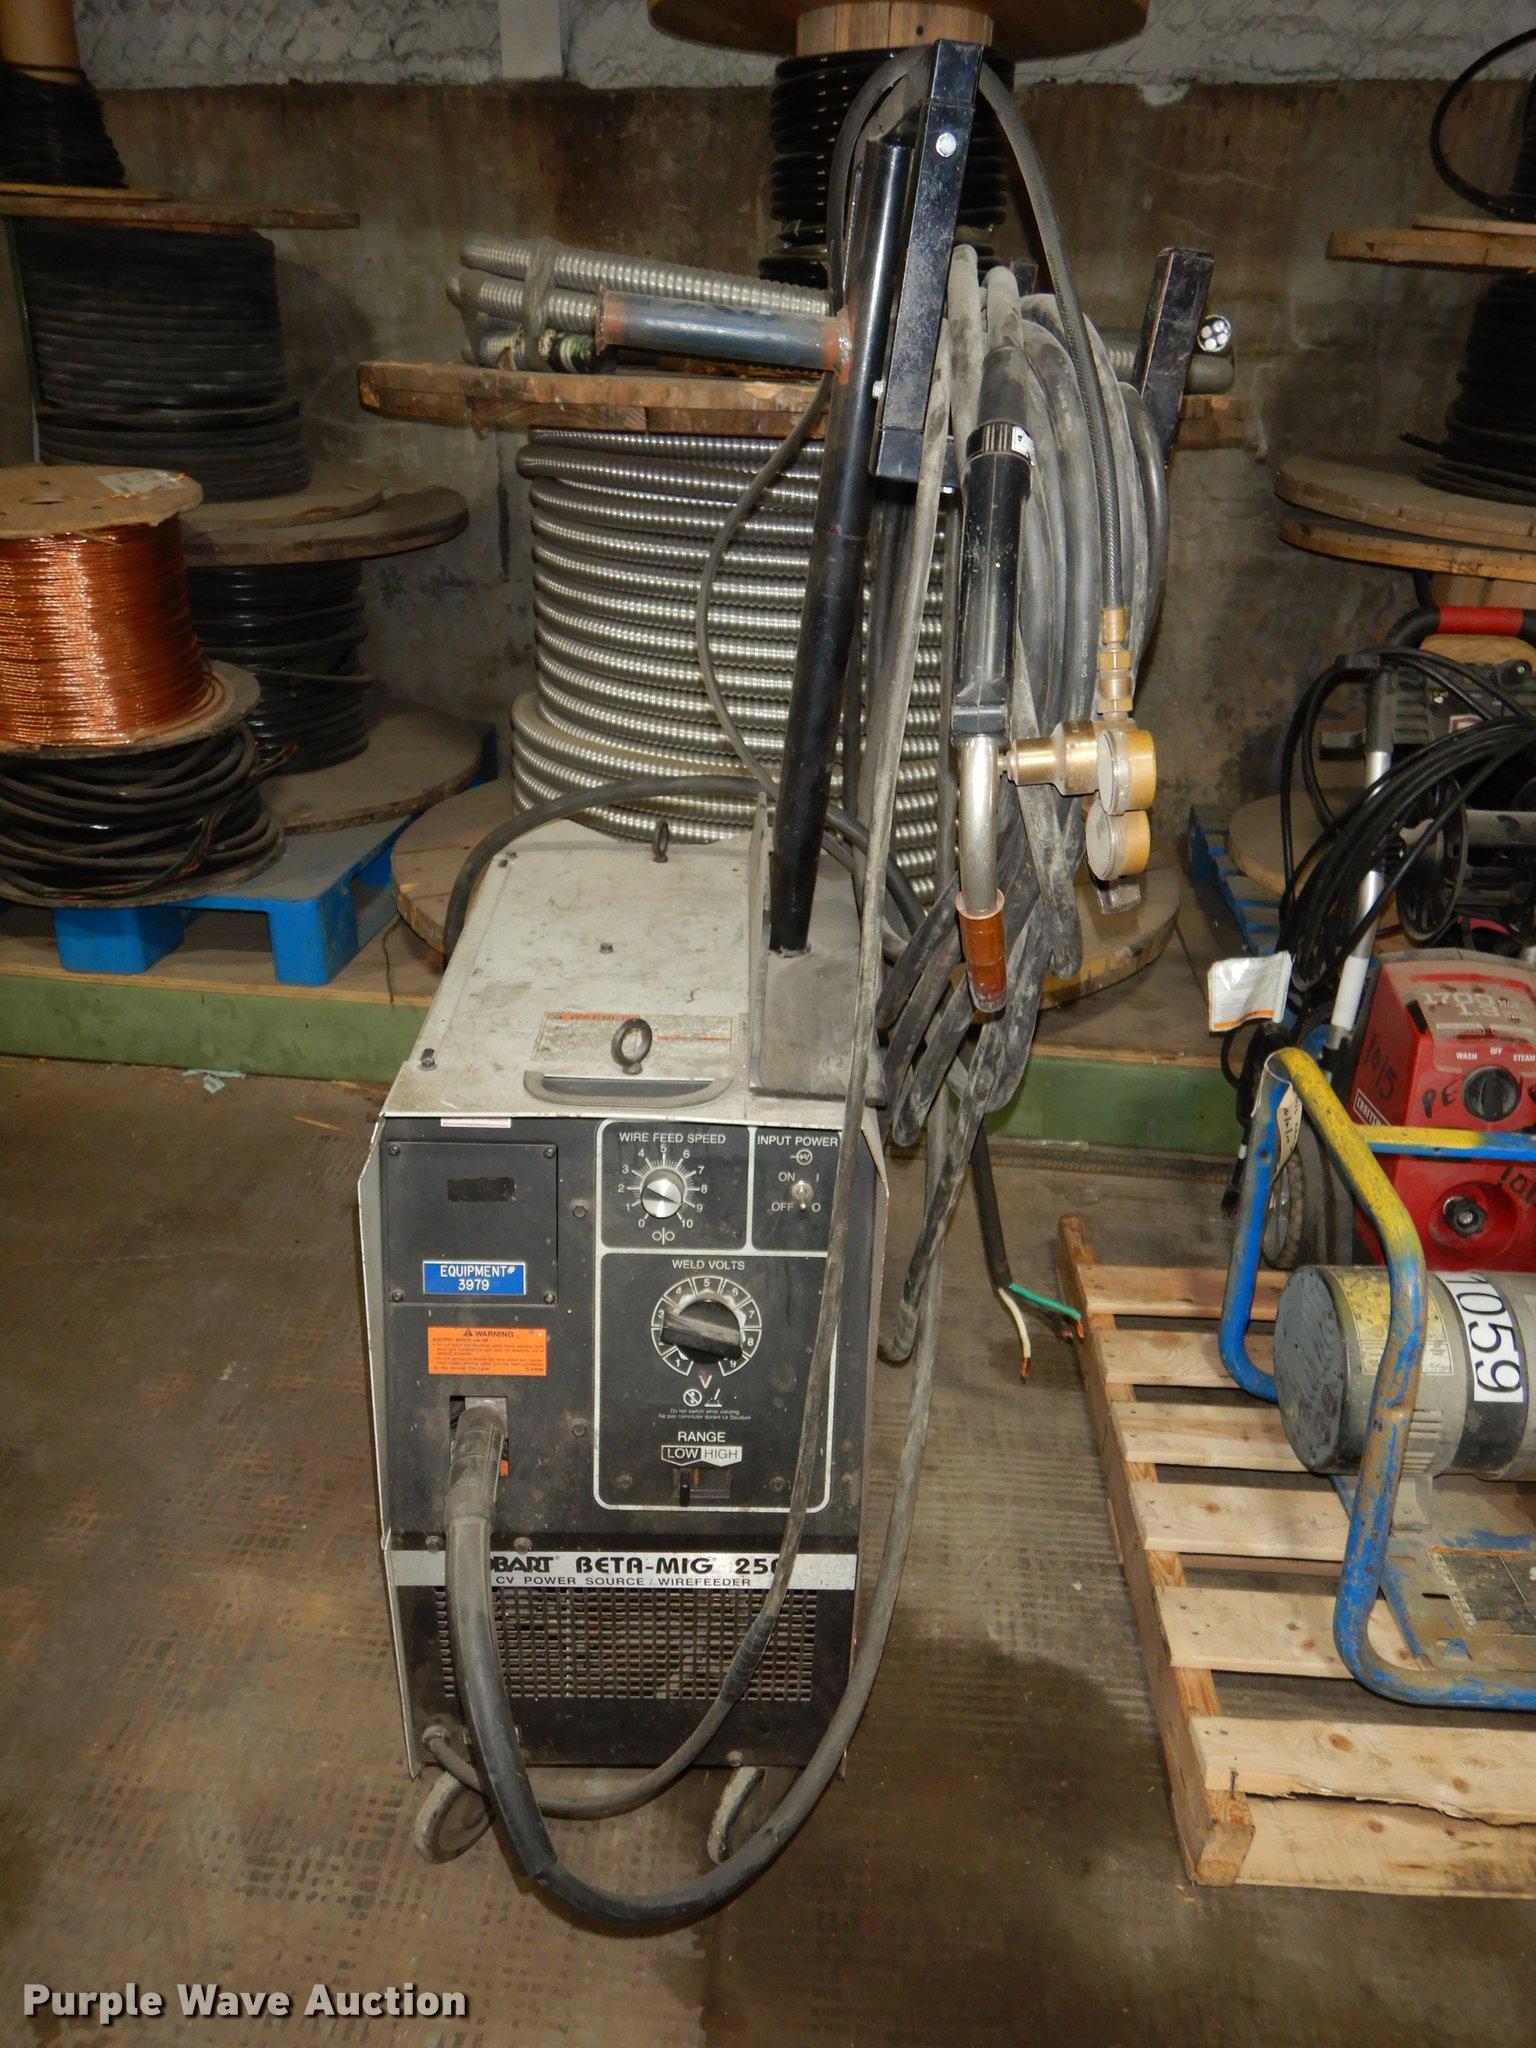 Hobart Frc100a Wiring Diagram 29 Images Dishwasher Ft 900 Em9613 Diagrams